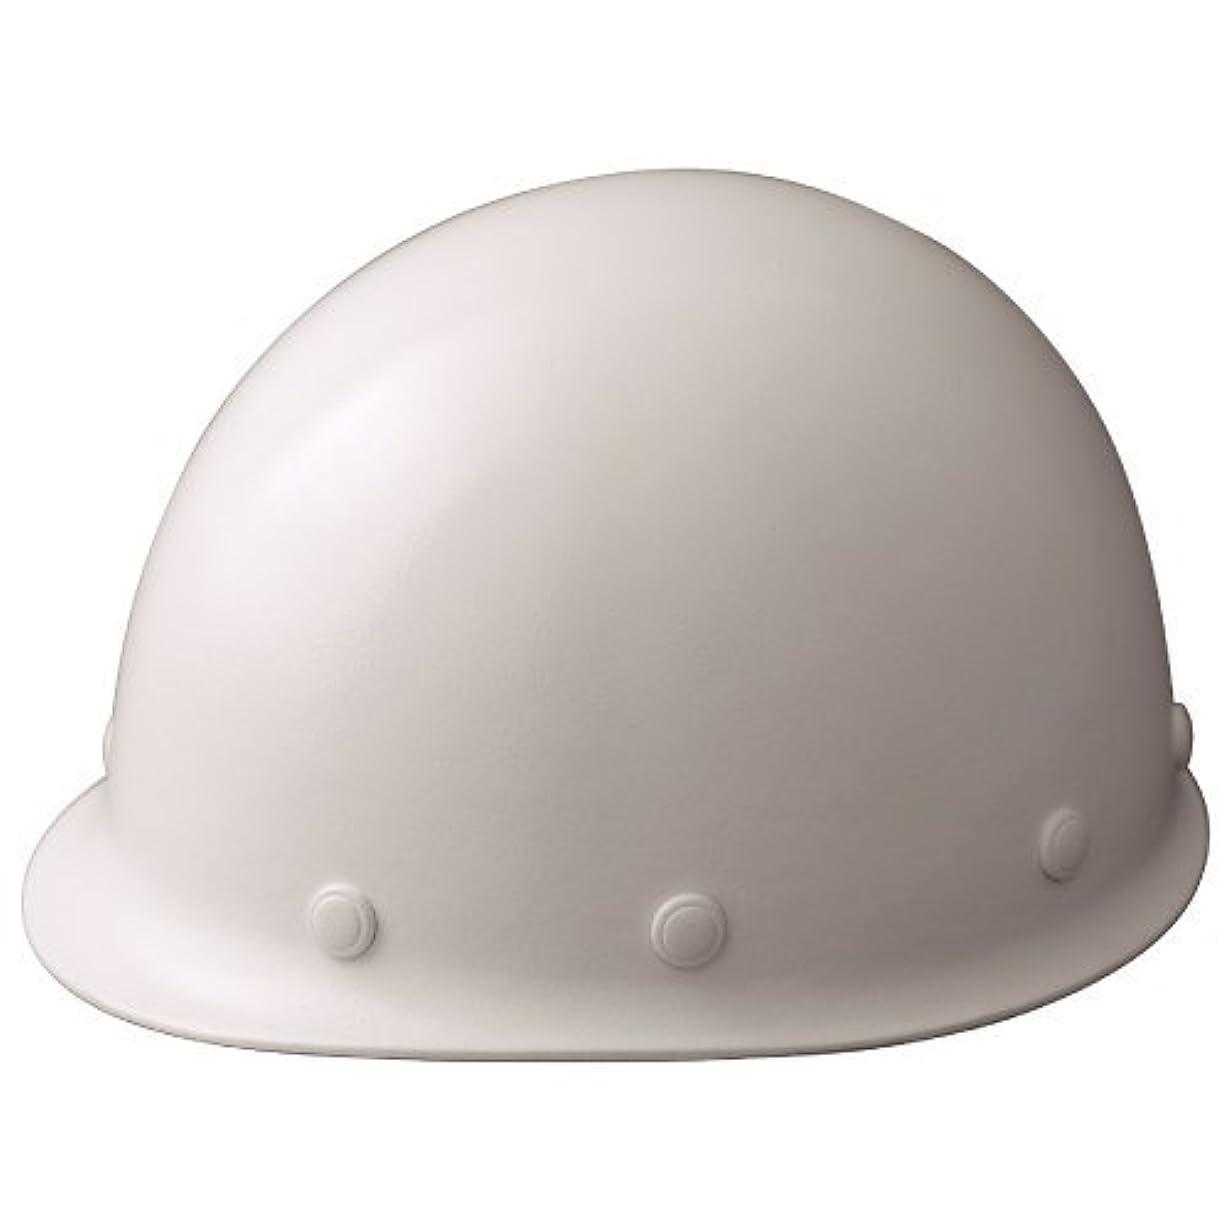 しなければならないオデュッセウス高めるミドリ安全 軽量 ヘルメット 一般作業用 熱場作業用 SCLMT RA KP付 スーパーホワイト